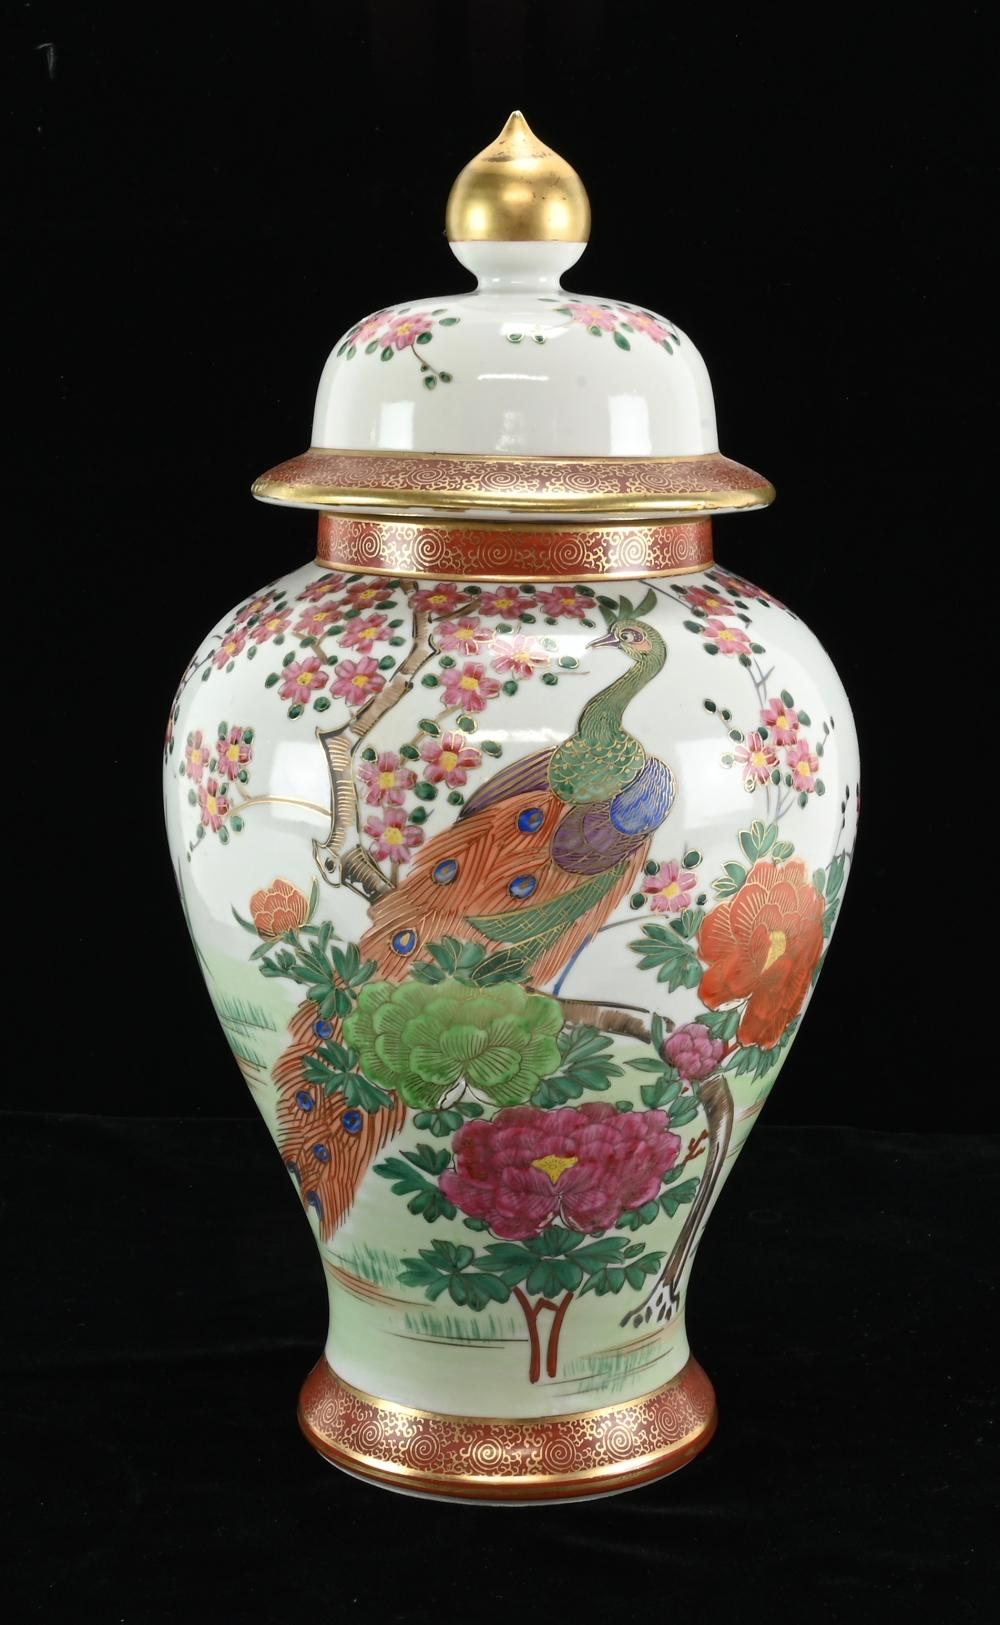 Vintage Japanese Porcelain Lidded Vase